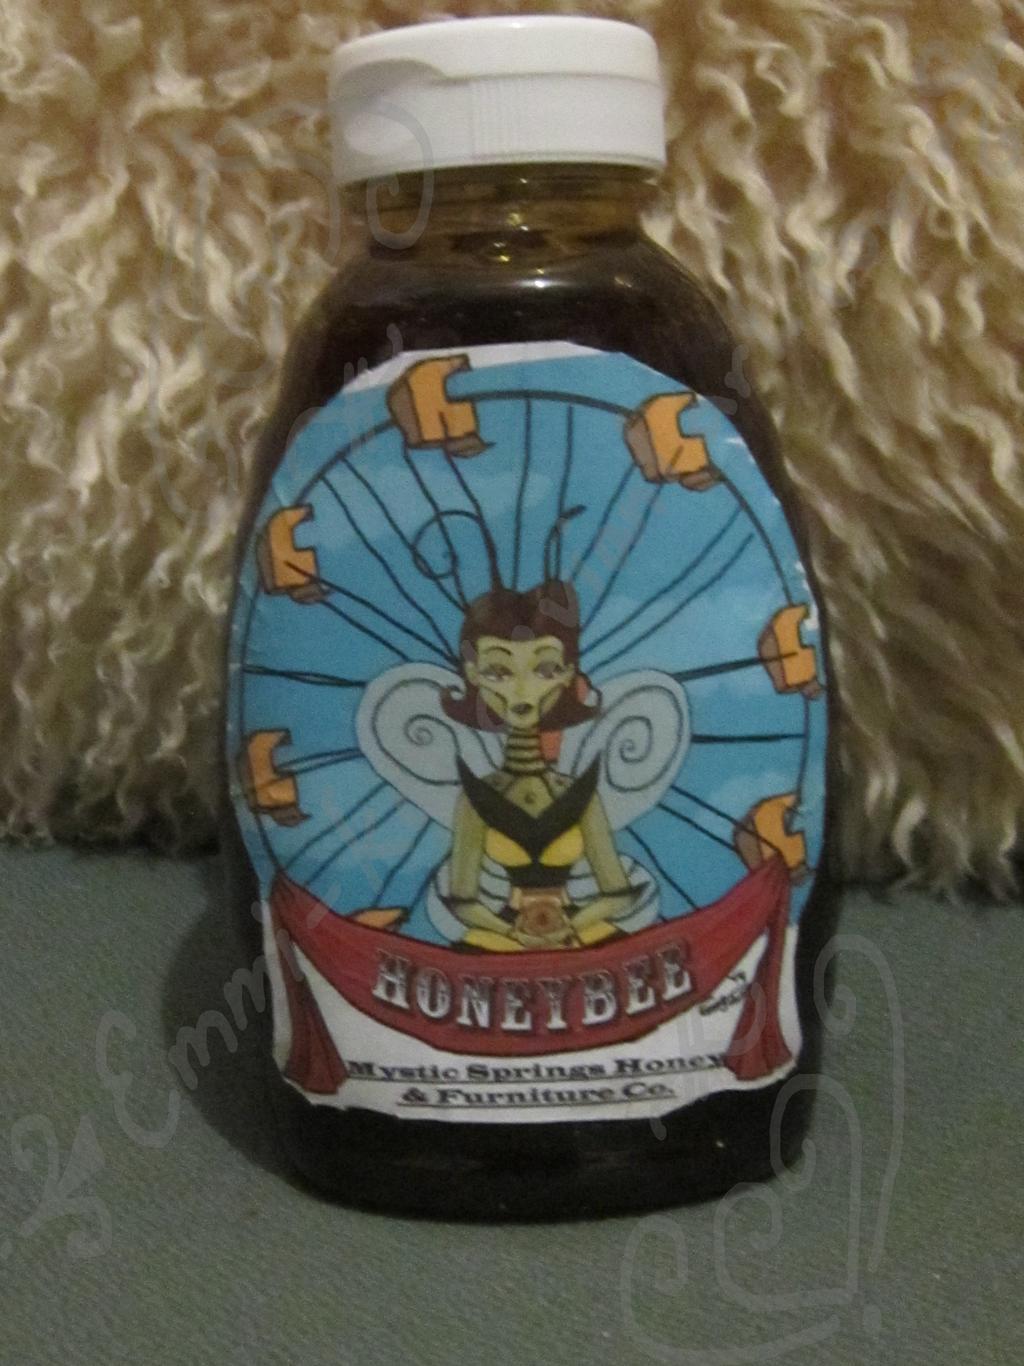 A bottle of Honeybee Honey by Emmi-Kat